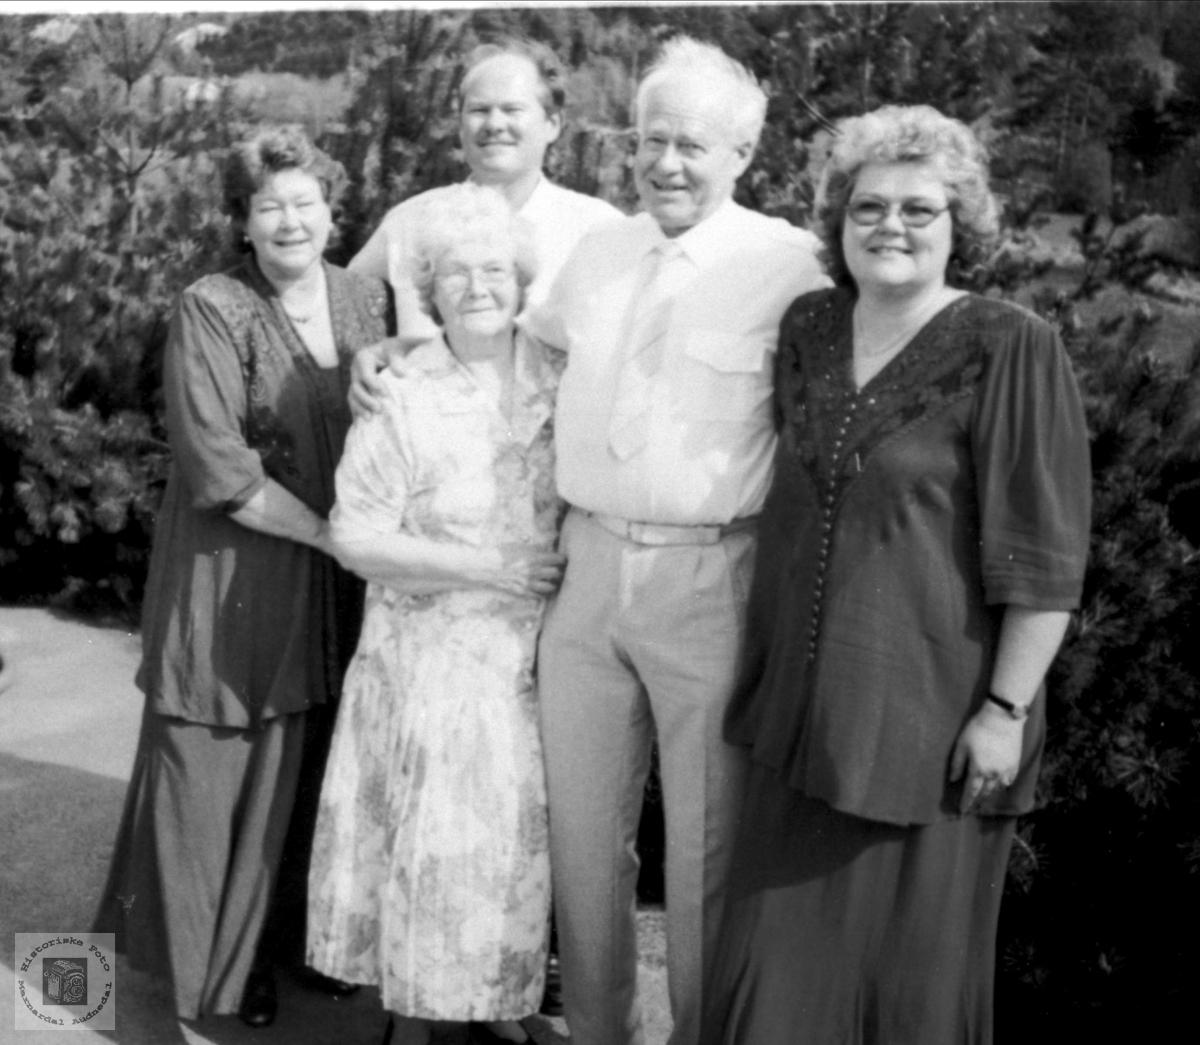 Familiegruppe - gullbryllup, Olav og Karen Ellefsen med fam.